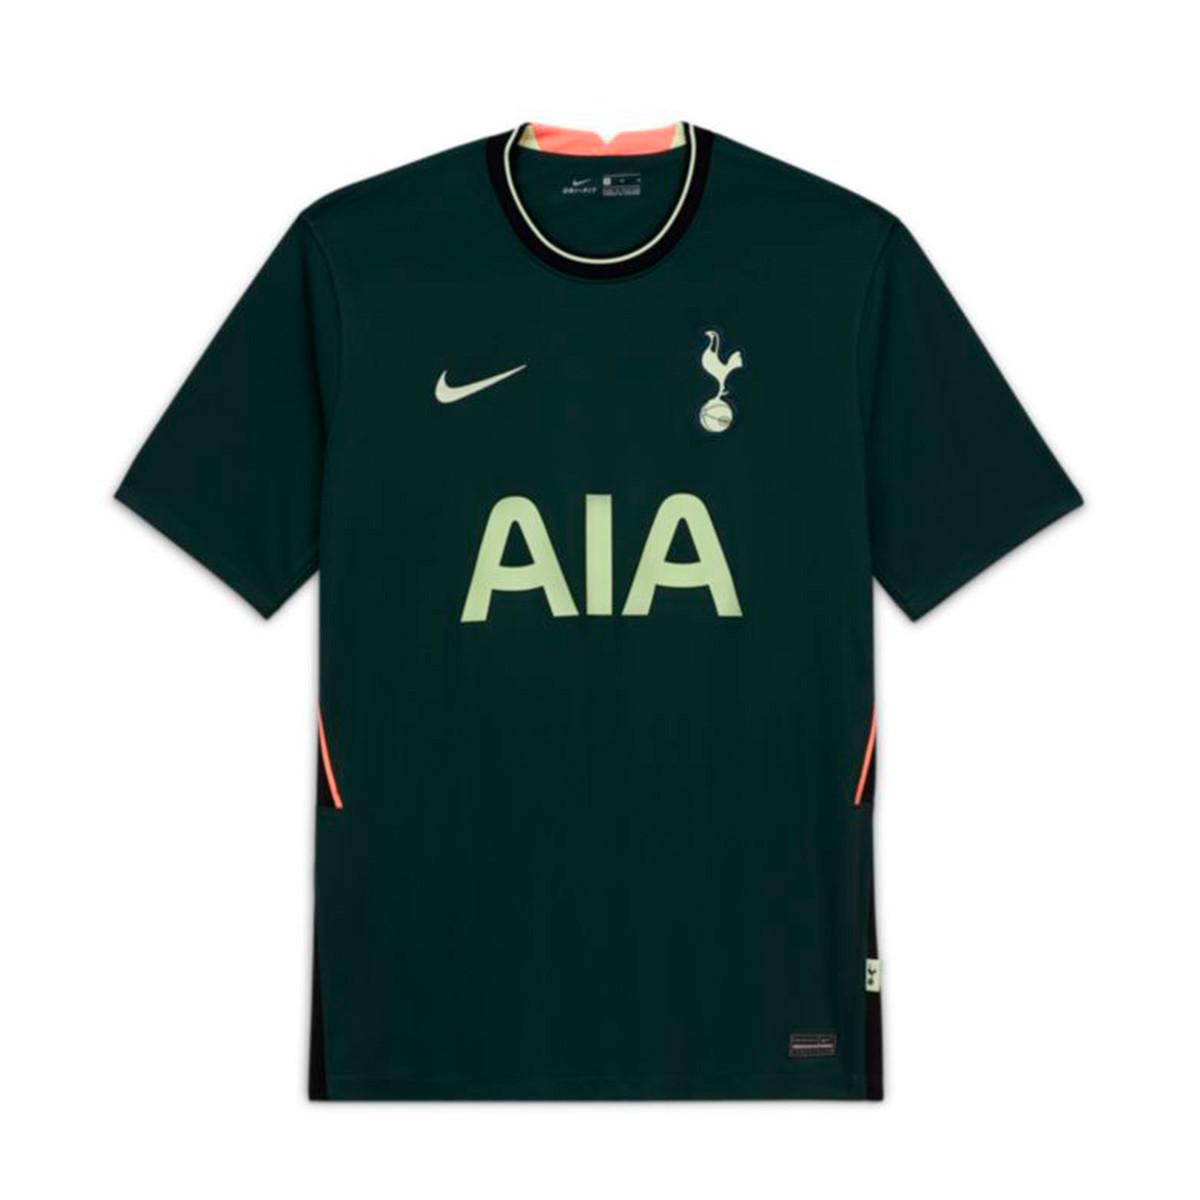 Jersey Nike Tottenham Hotspur Fc Stadium Segunda Equipacion 2020 2021 Pro Green Barely Volt Football Store Futbol Emotion